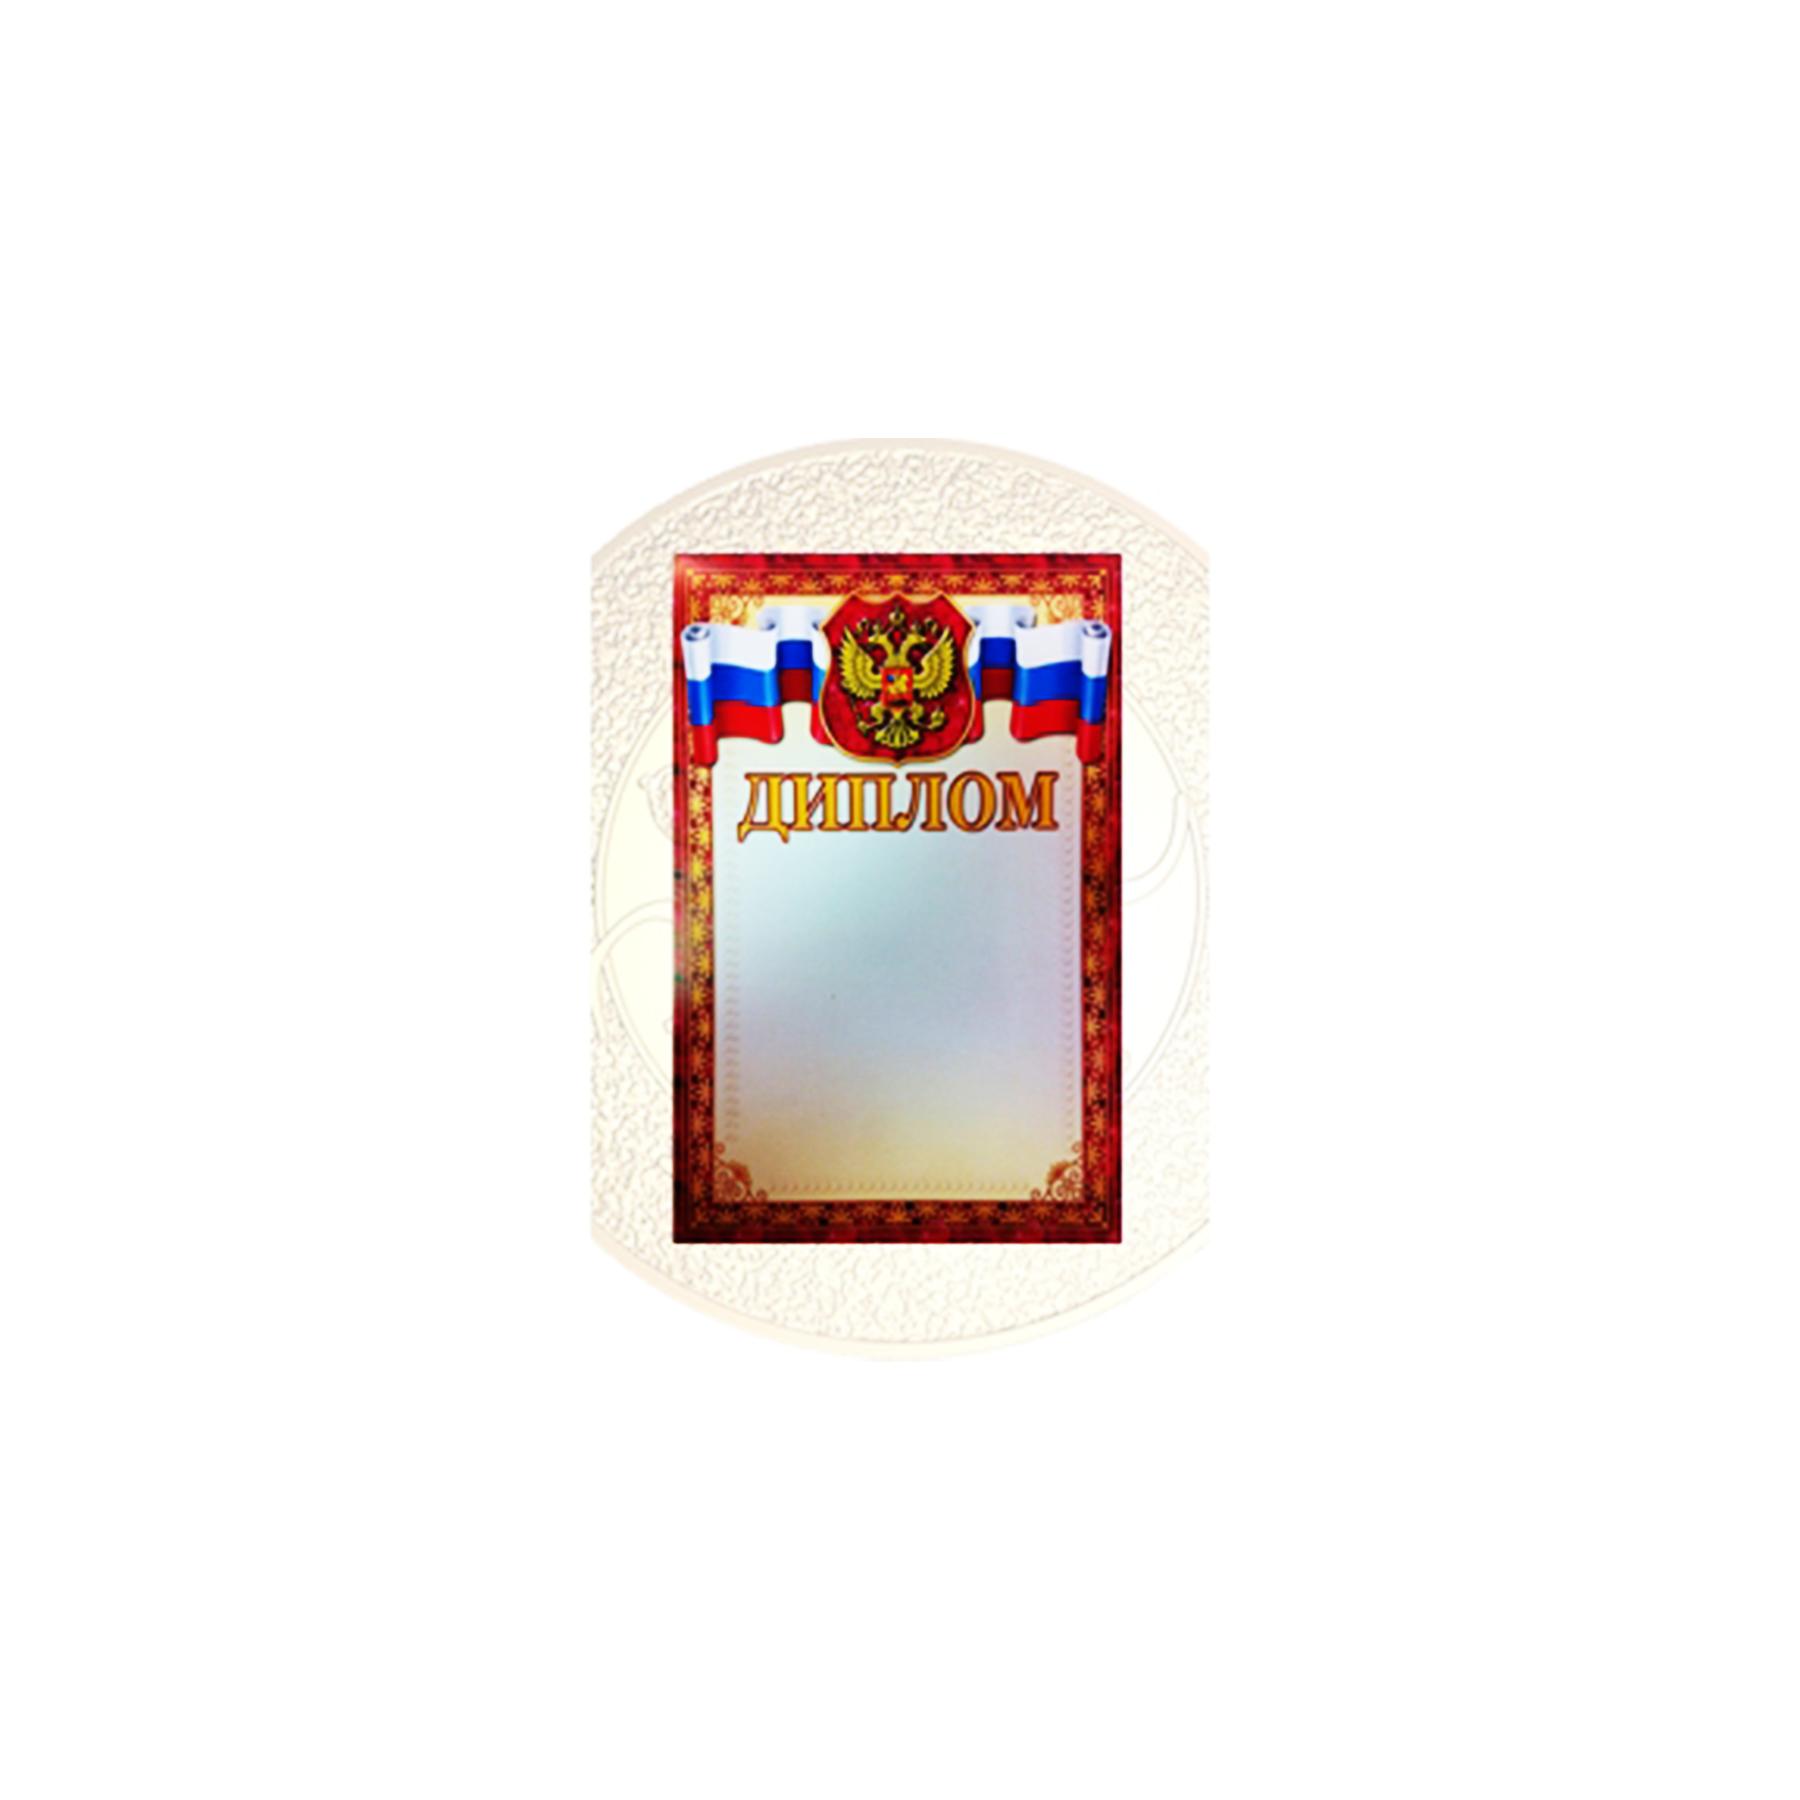 Диплом РФ красный